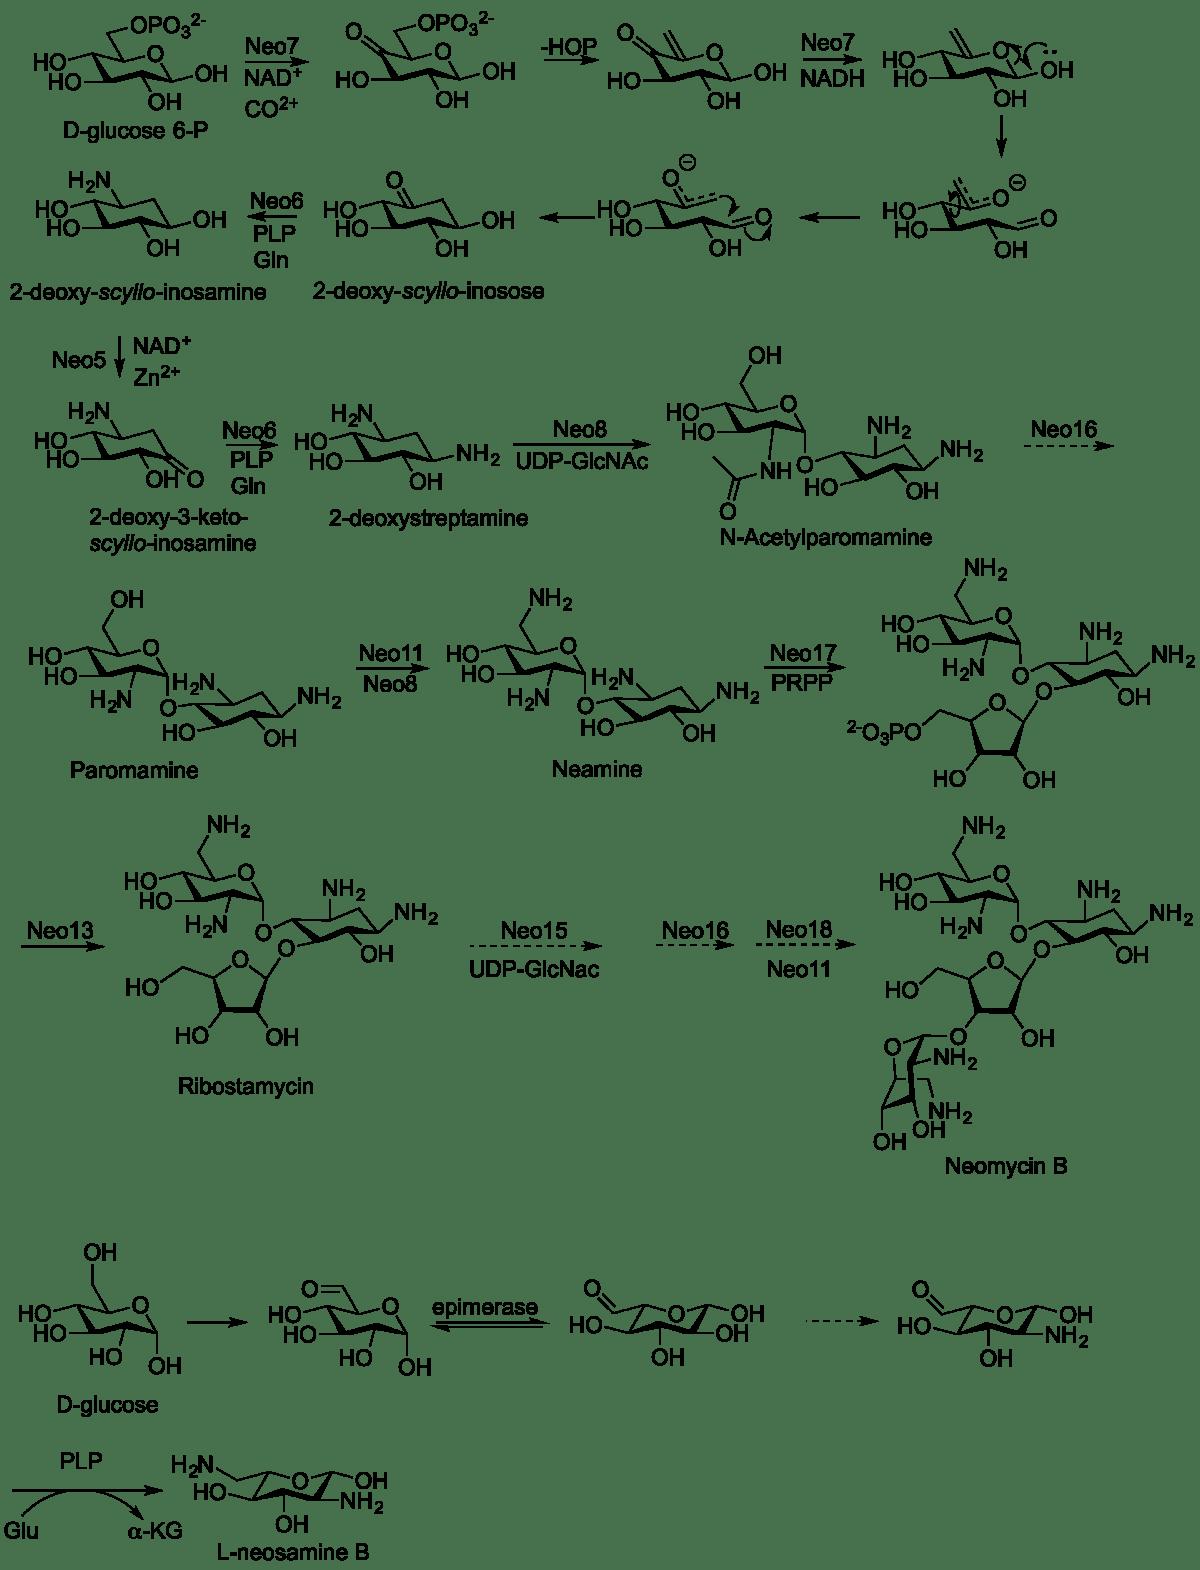 新黴素 - 維基百科,自由的百科全書